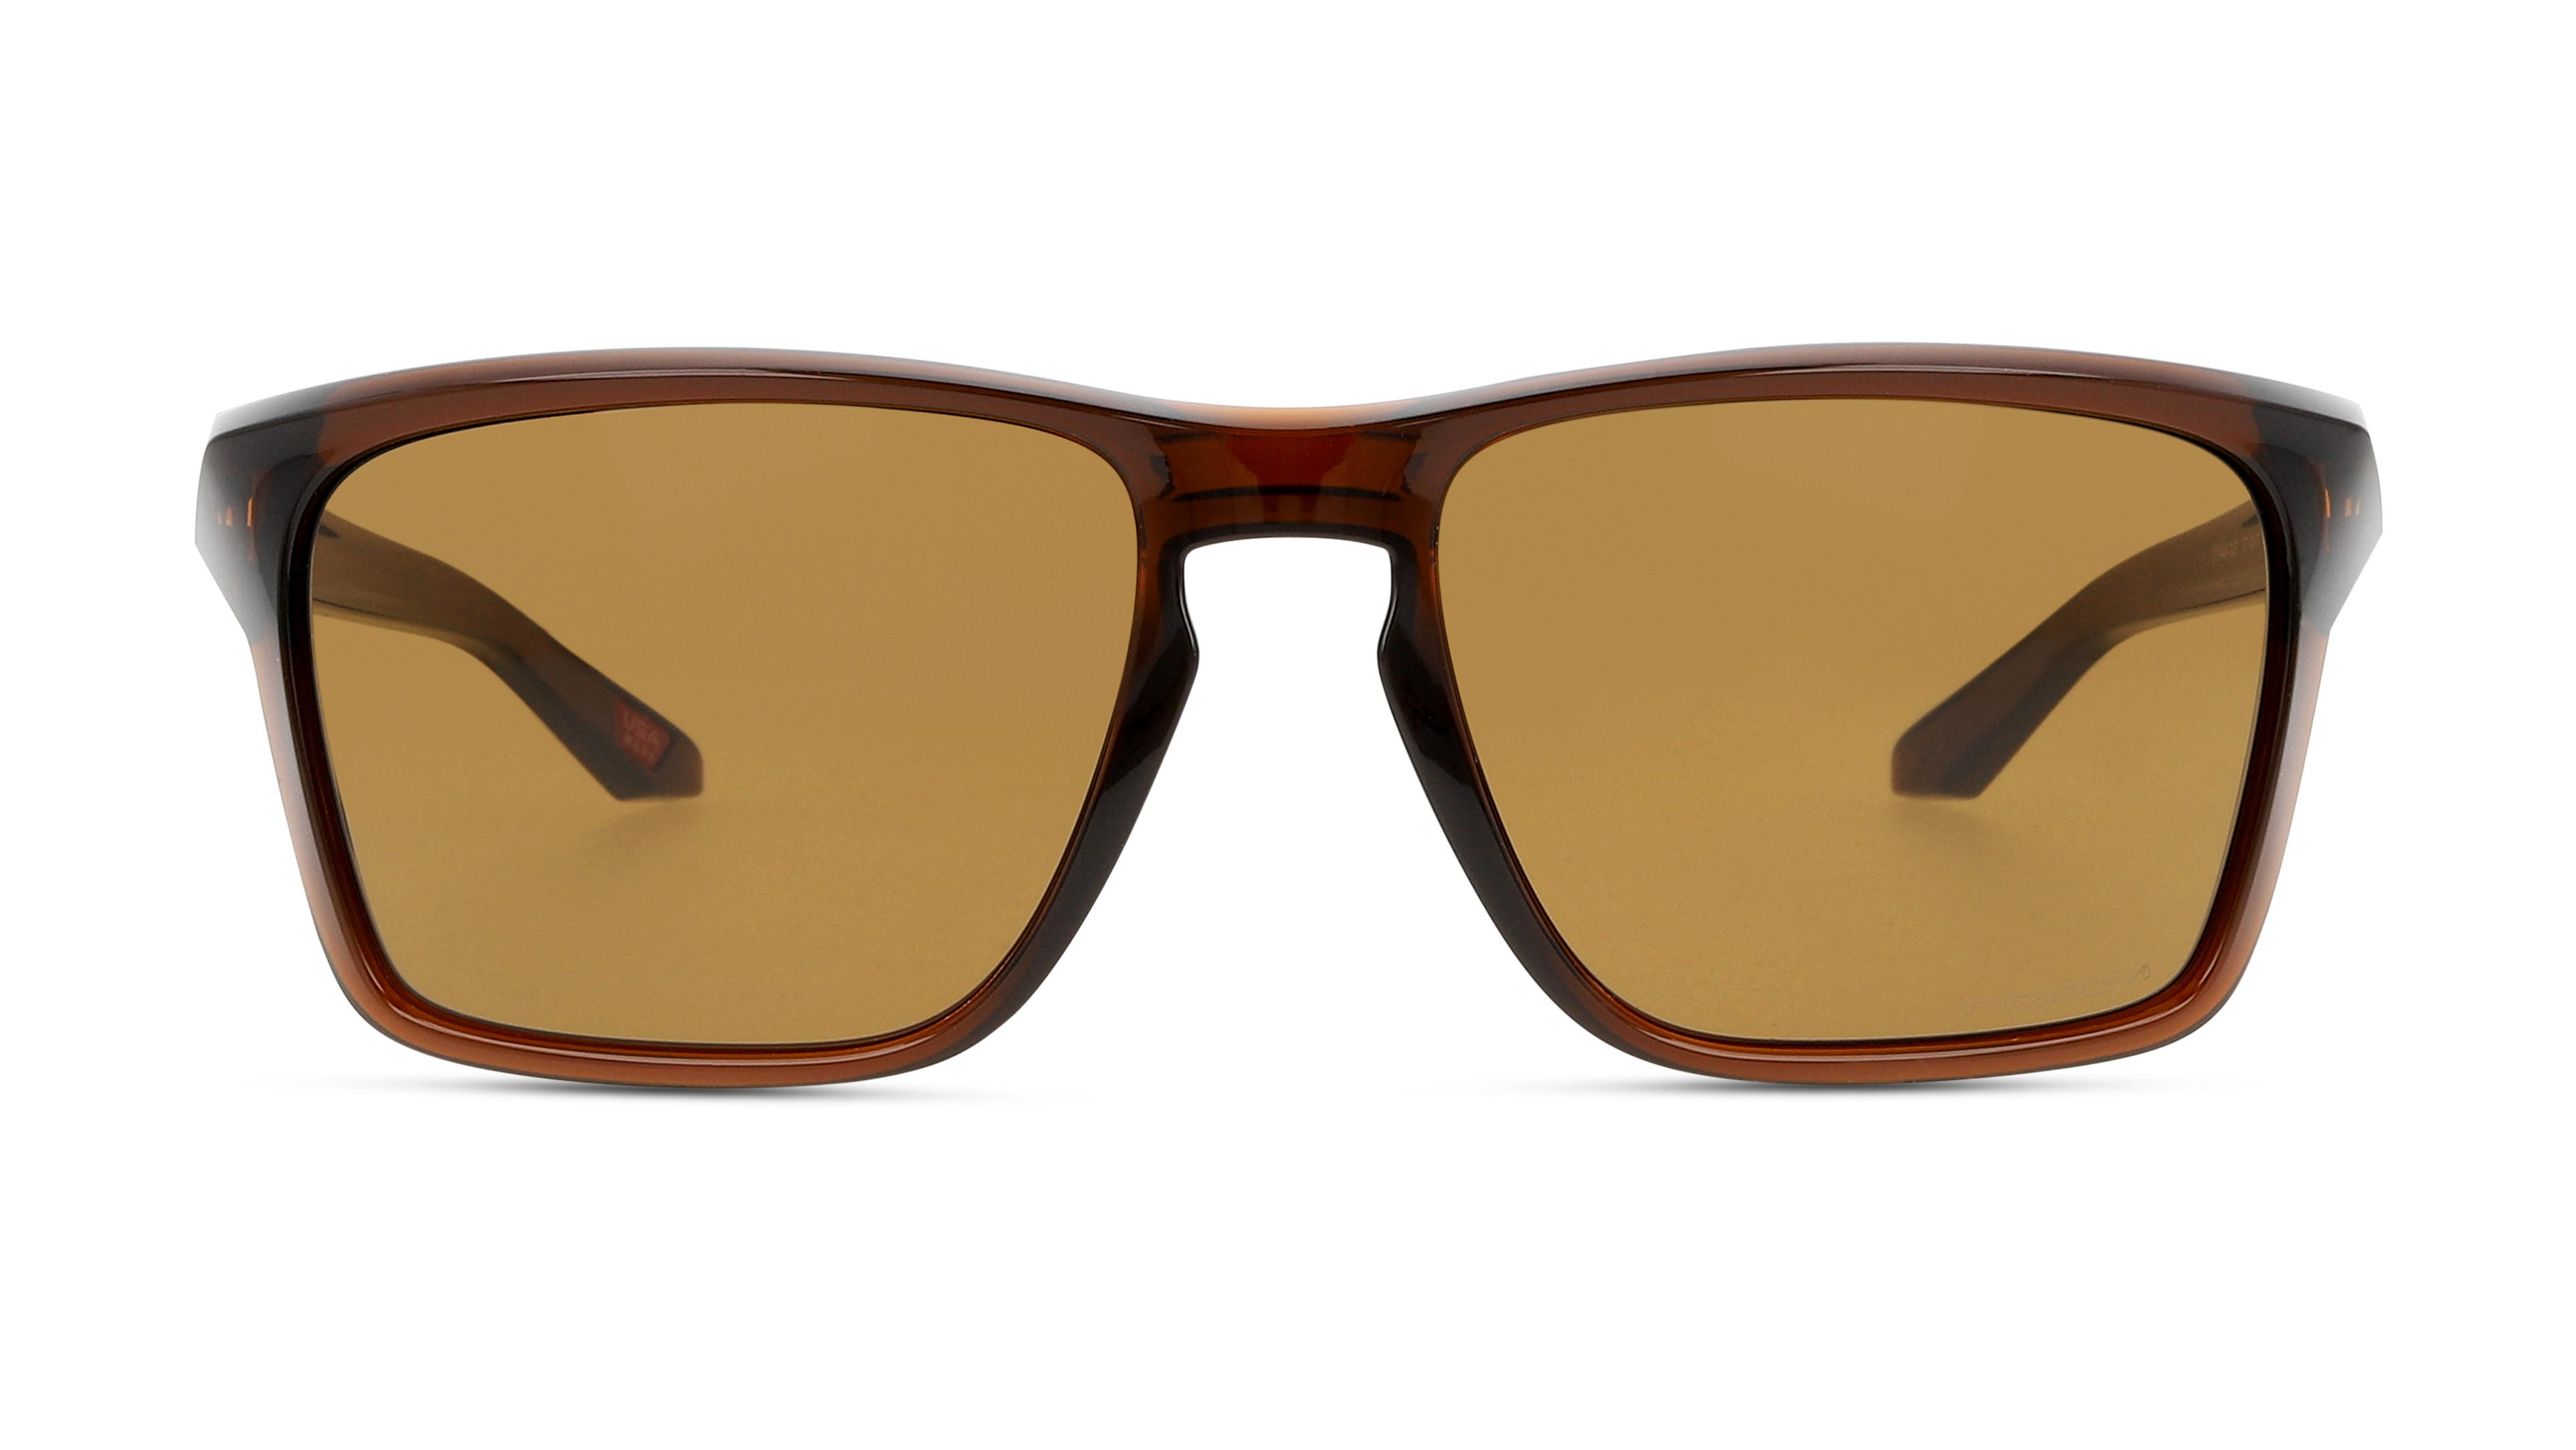 888392454911-front-Oakley-Sonnenbrille-0oo9448-sylas